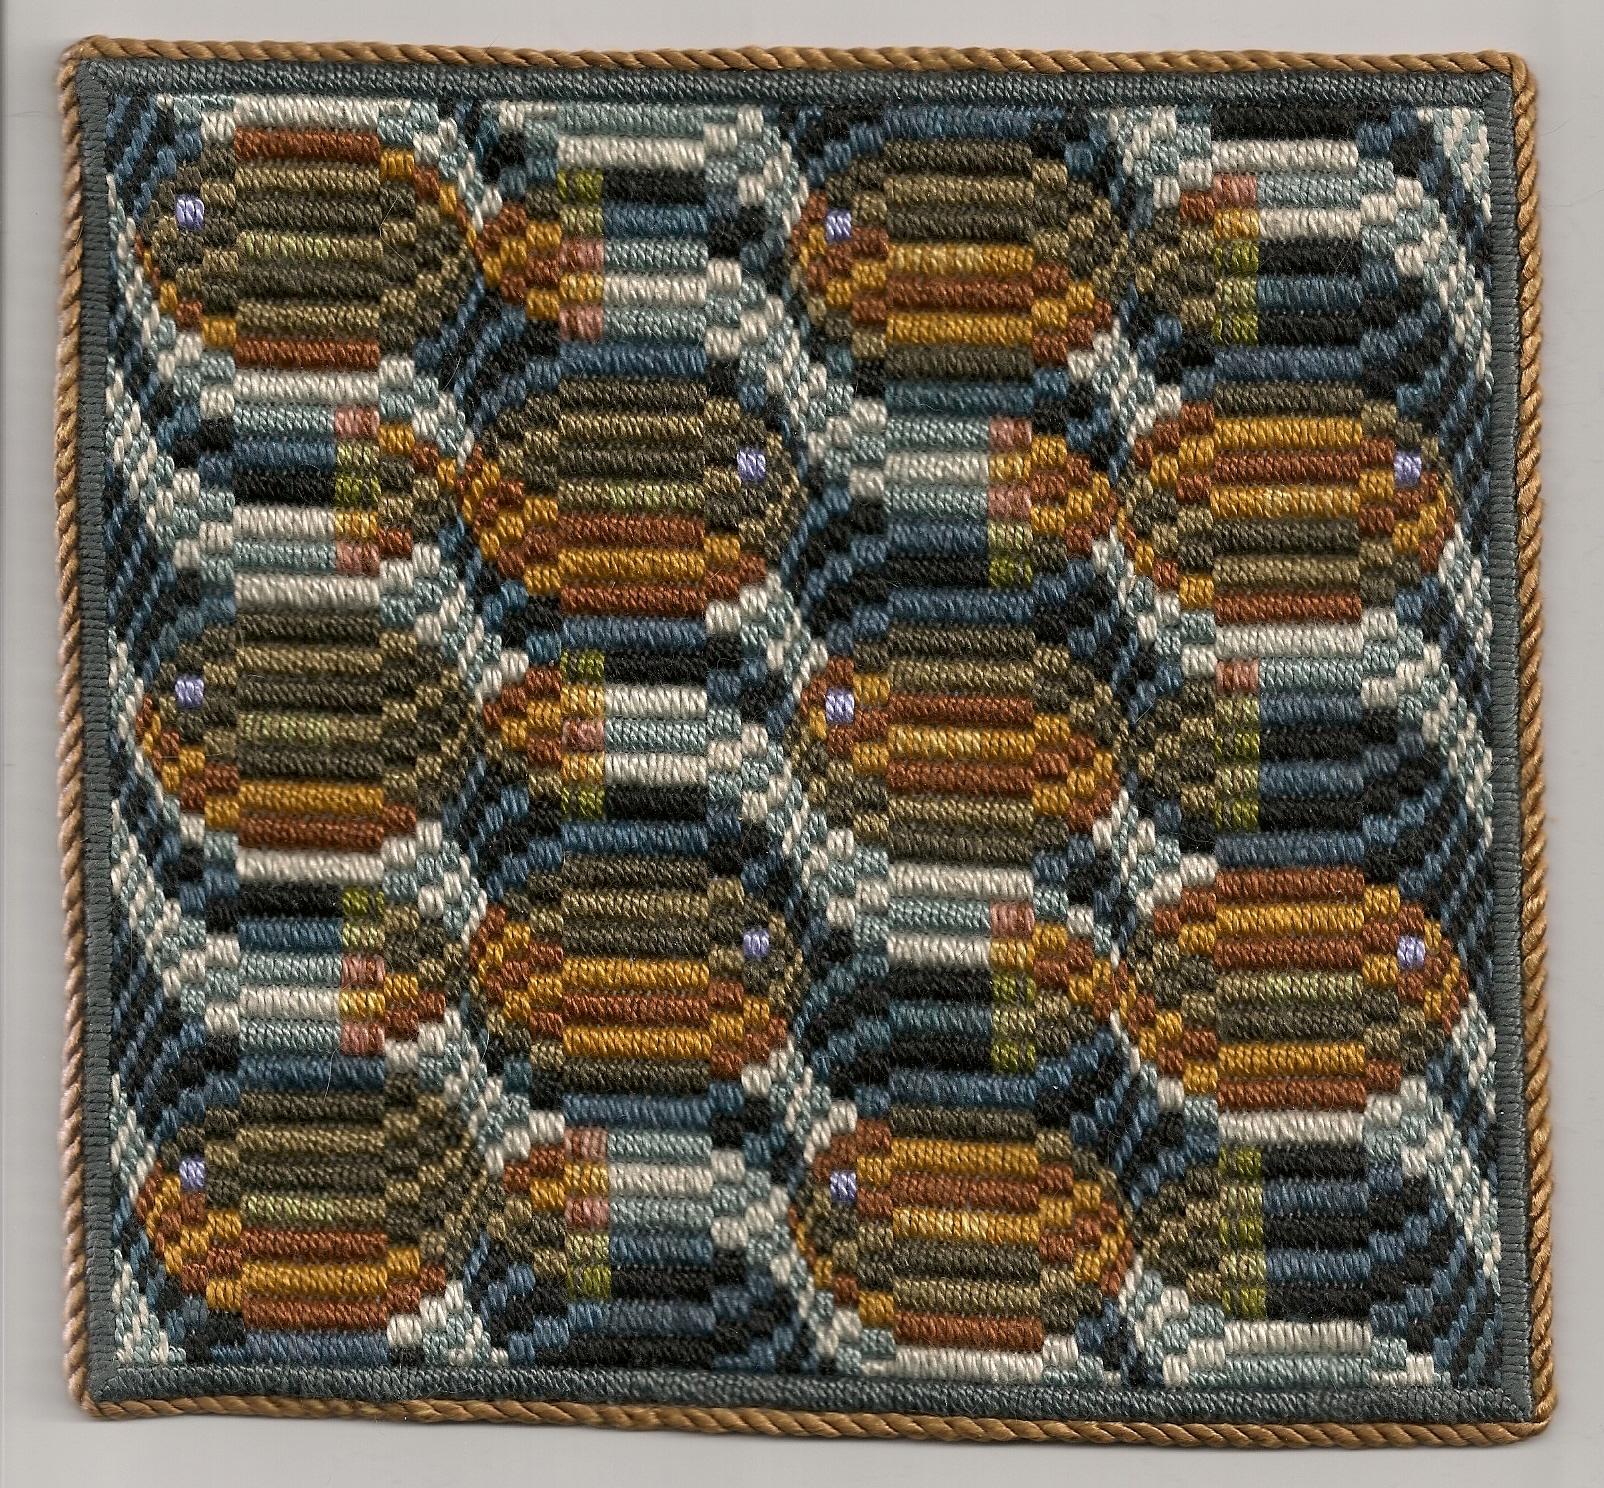 Victoria Dixon   Oil Spill Cushion , 2010  Bargello embroidery